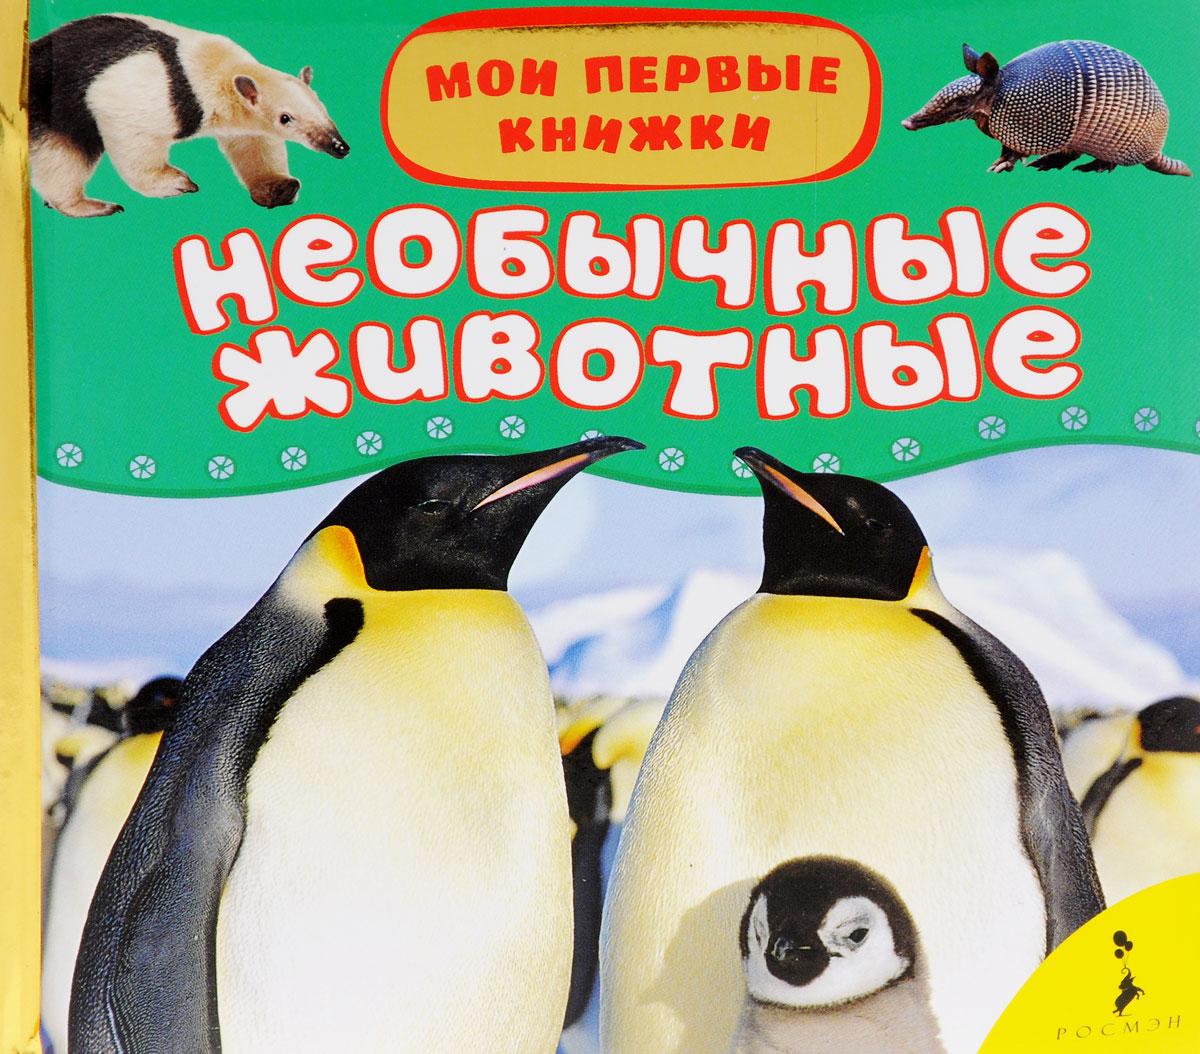 Необычные животные книги энас книга самые необычные животные